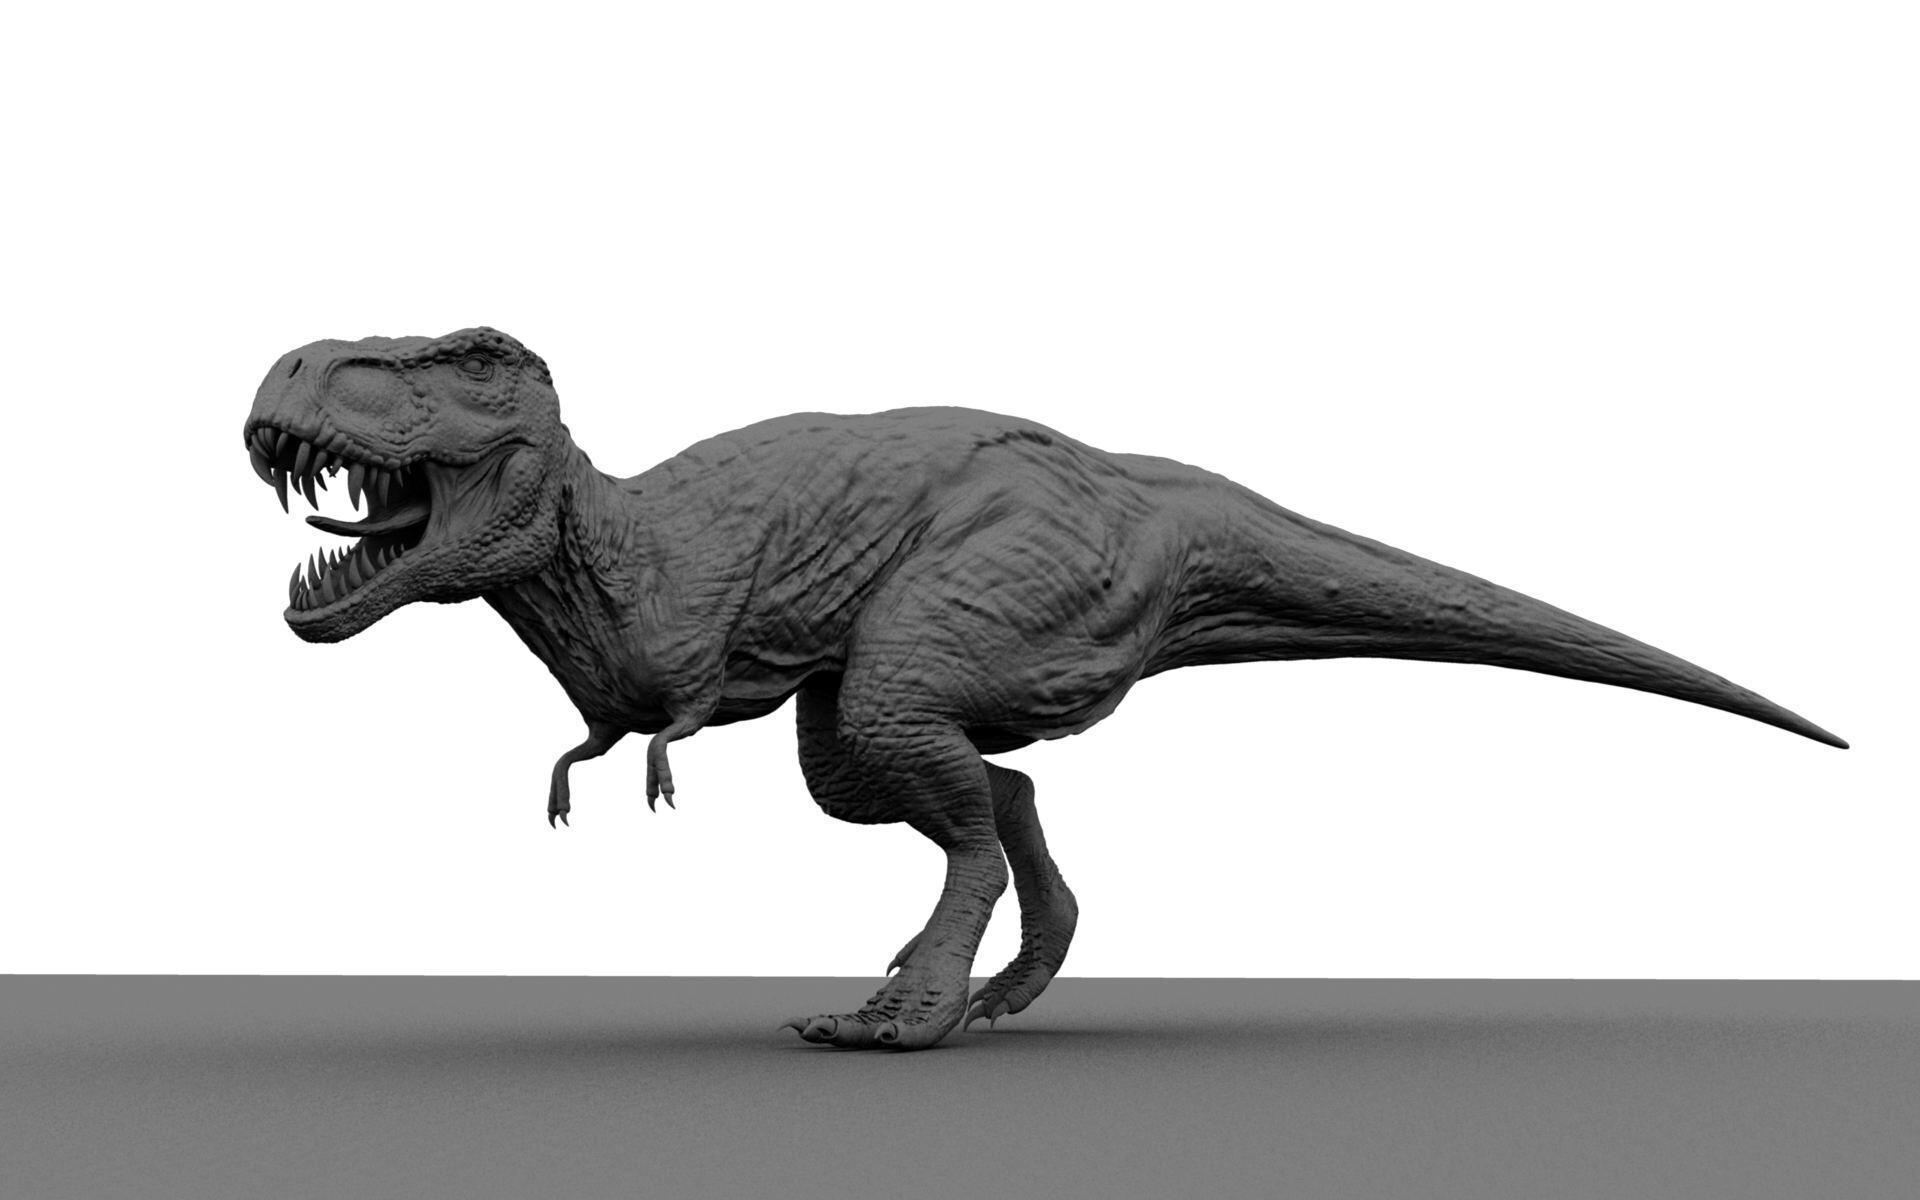 日本北海道恐龙化石或为暴龙类 有助揭晓体型秘密